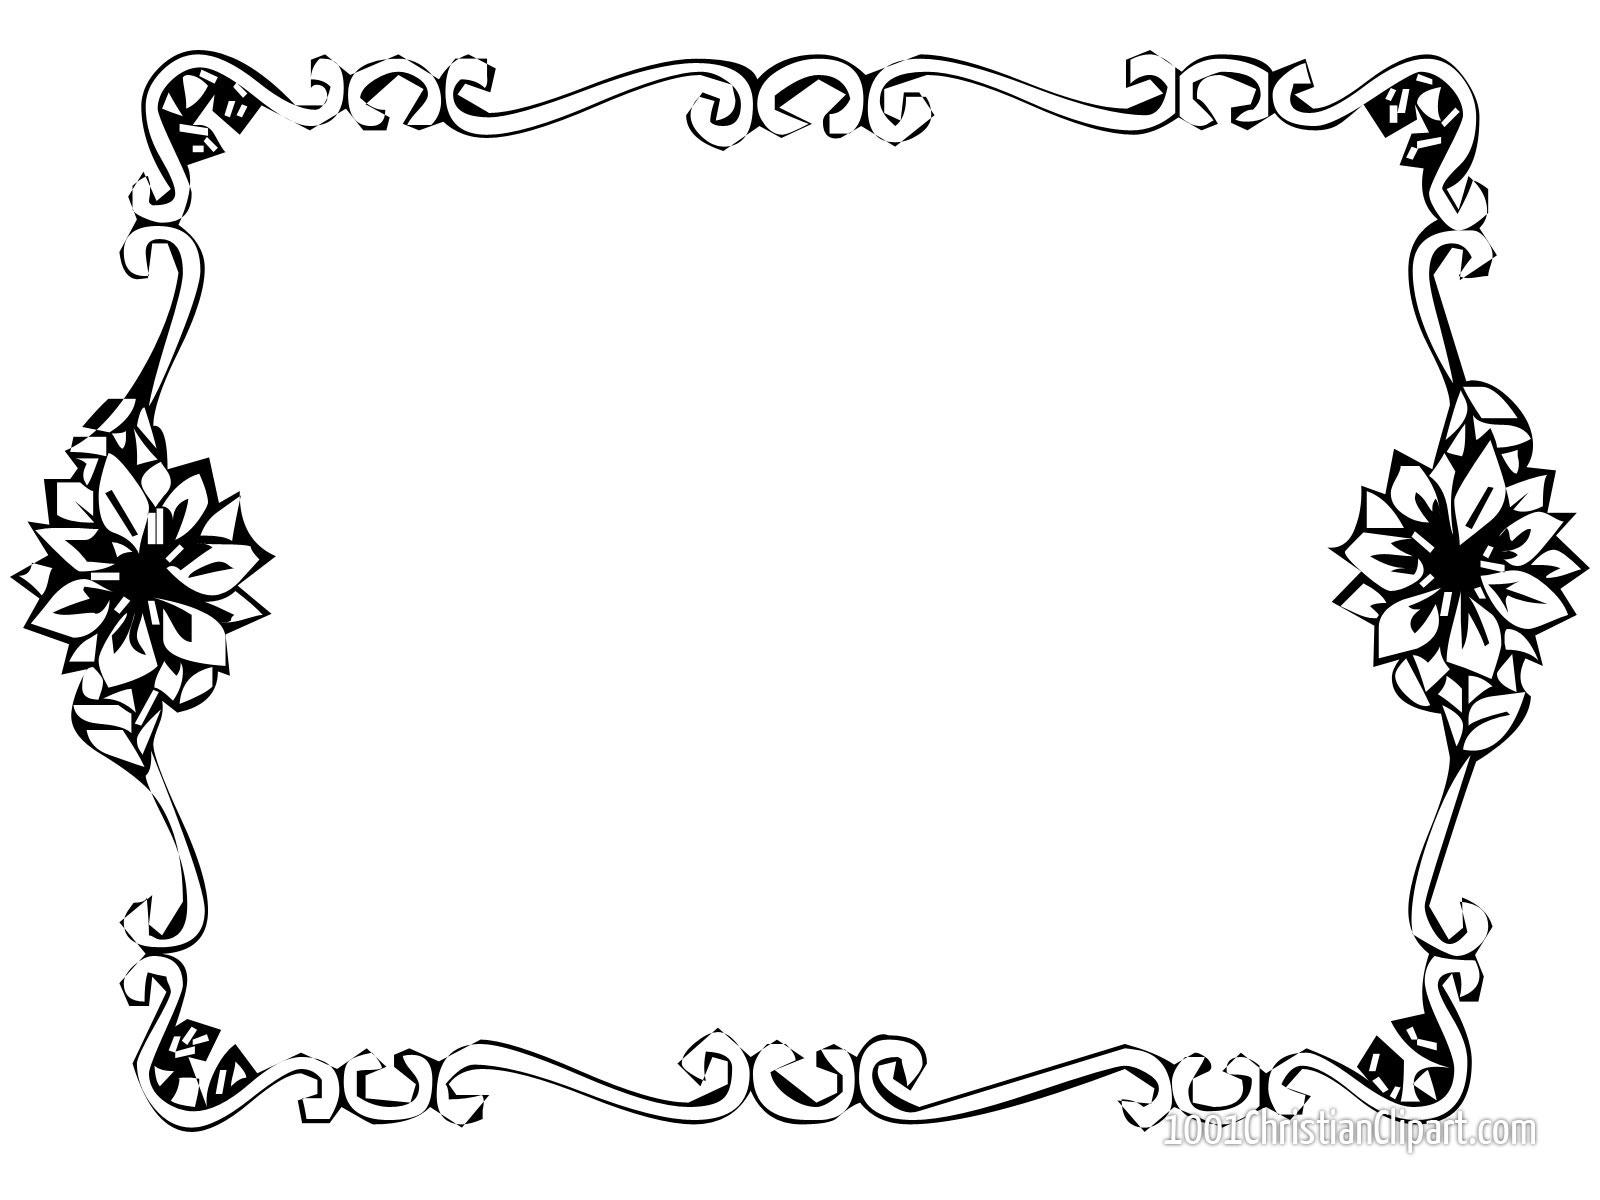 clip art borders